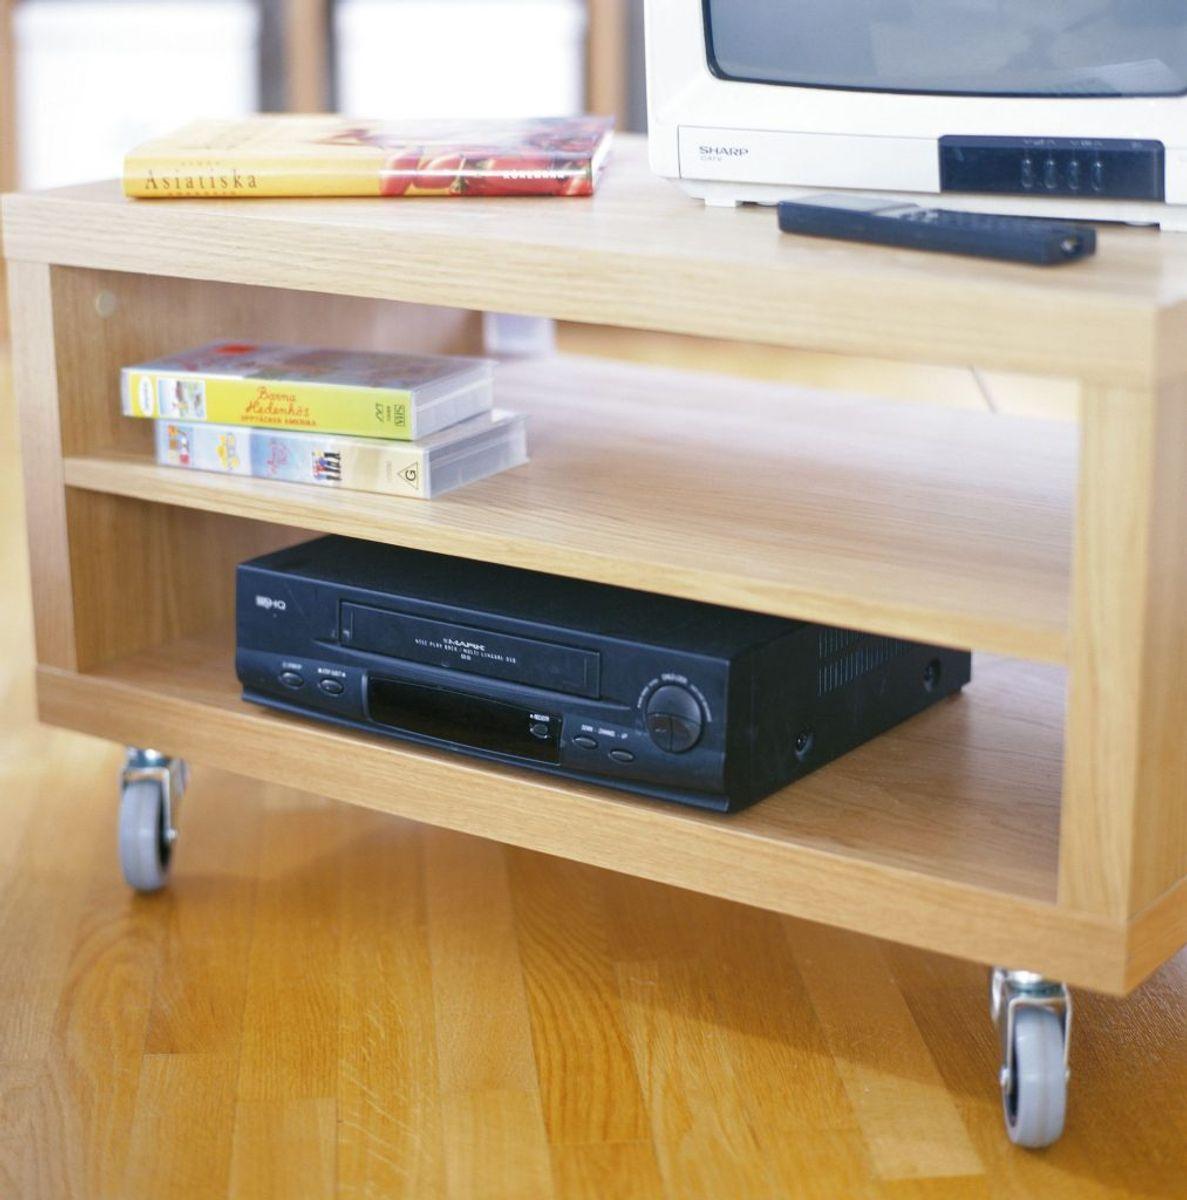 VHS-bånd og maskiner var hver dag. Du måtte spole båndet tilbage, hvis du skulle se en film. Foto: Scanpix